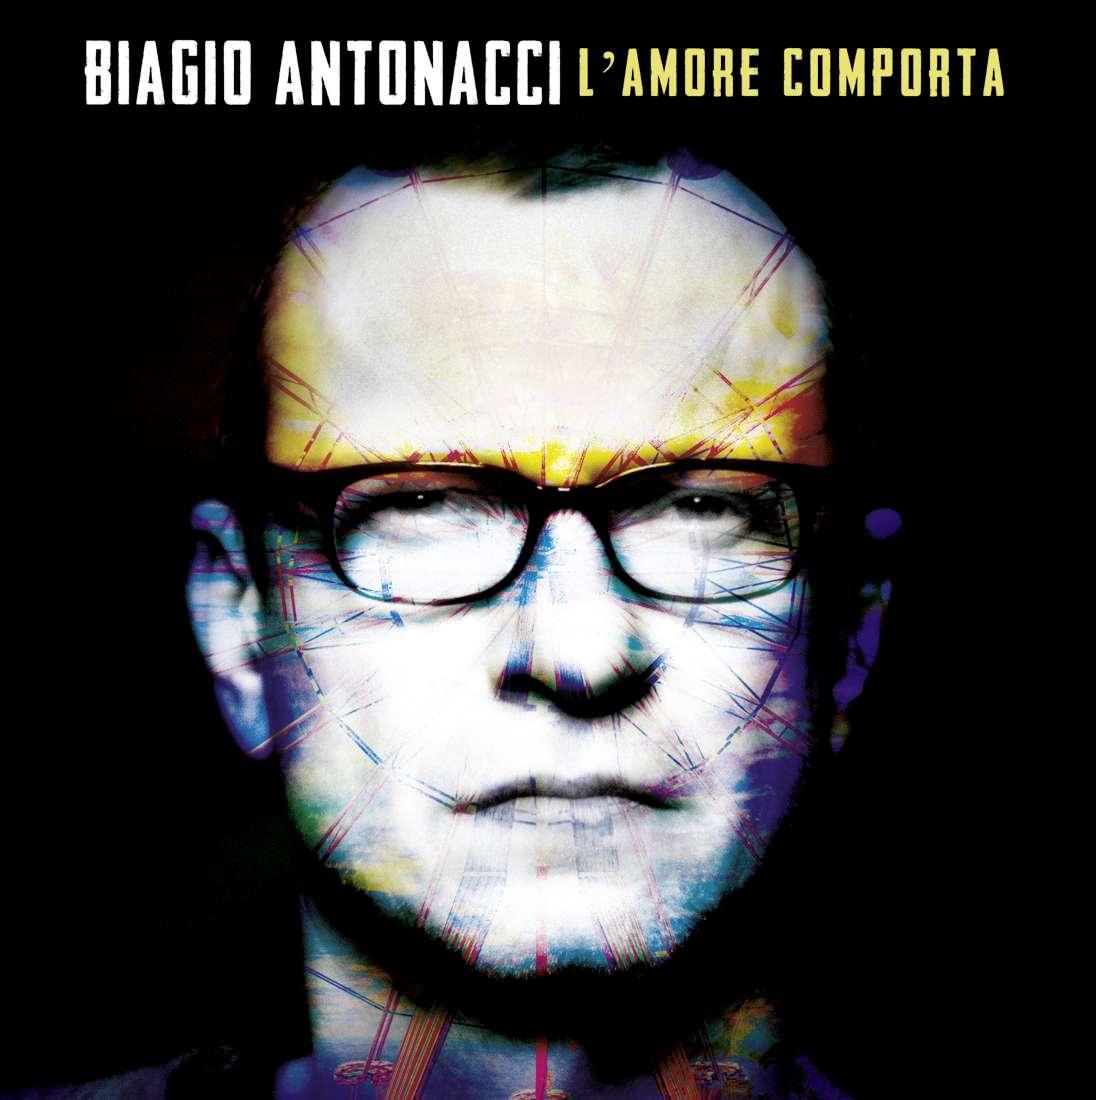 Anni D'amore Paola Biagio AntonacciVacanze I Con Tgcom24 Per Dieci On0kw8P